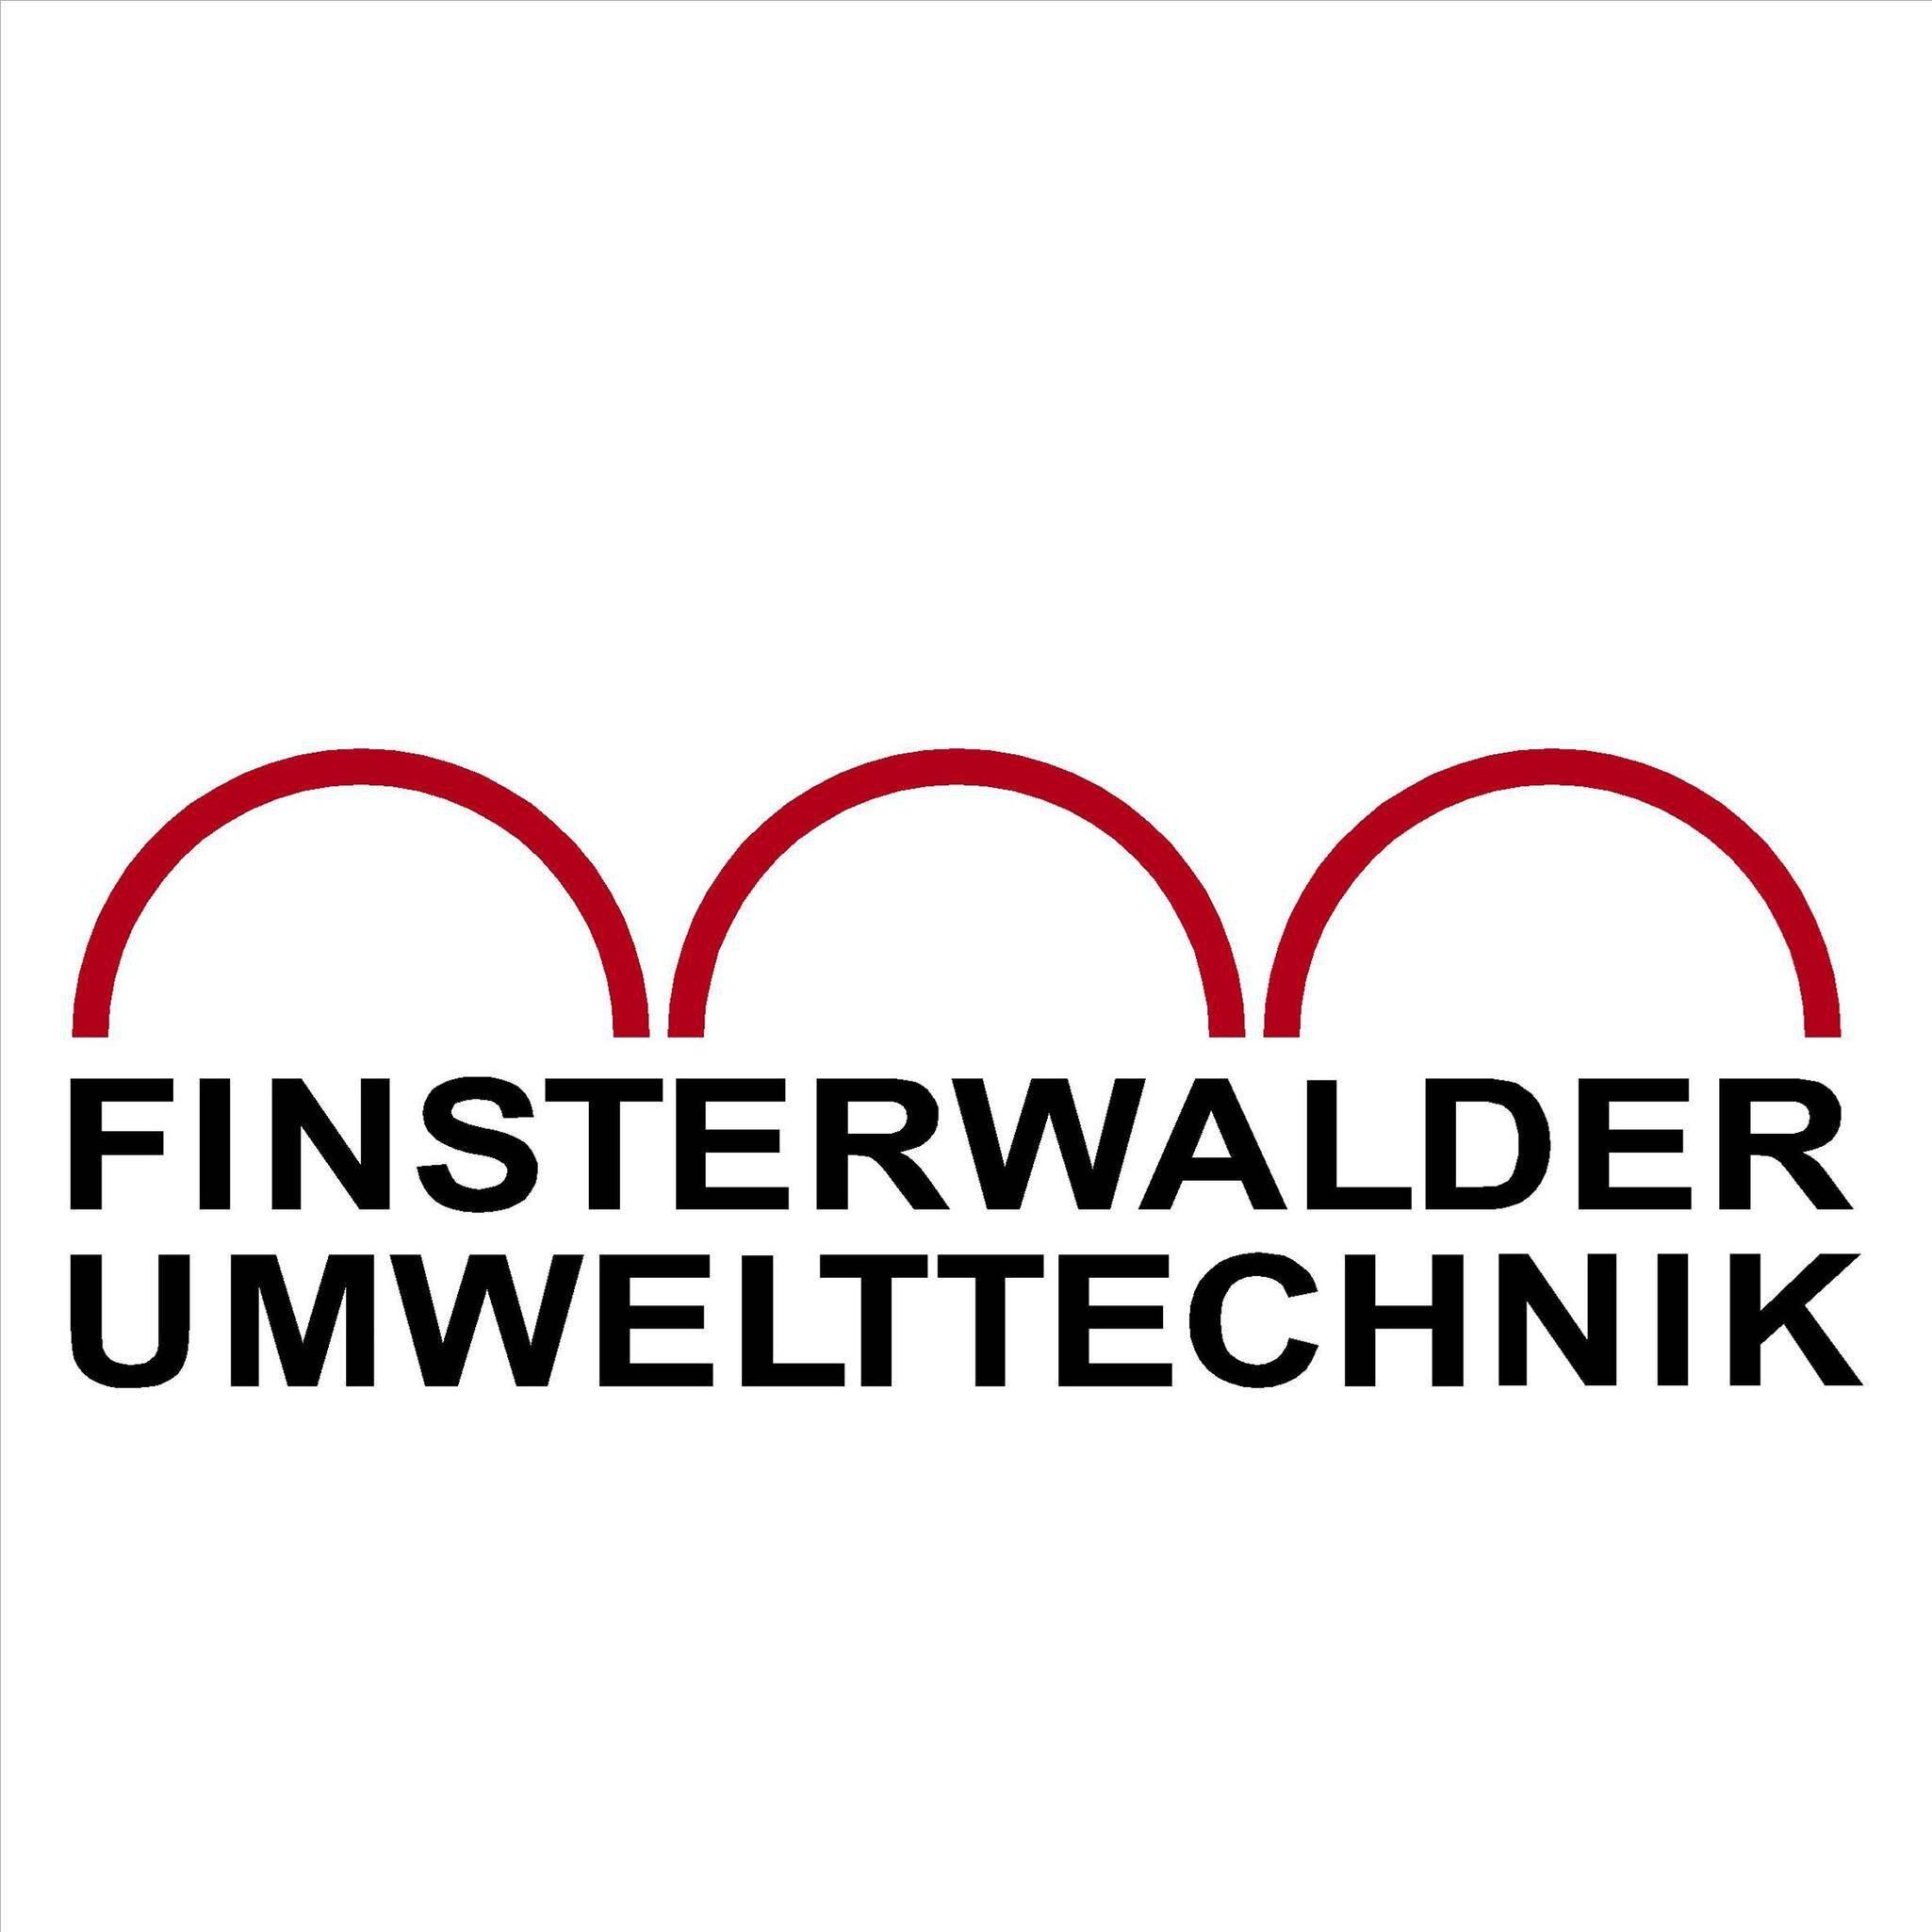 Company logo of Finsterwalder Umwelttechnik GmbH & Co.KG